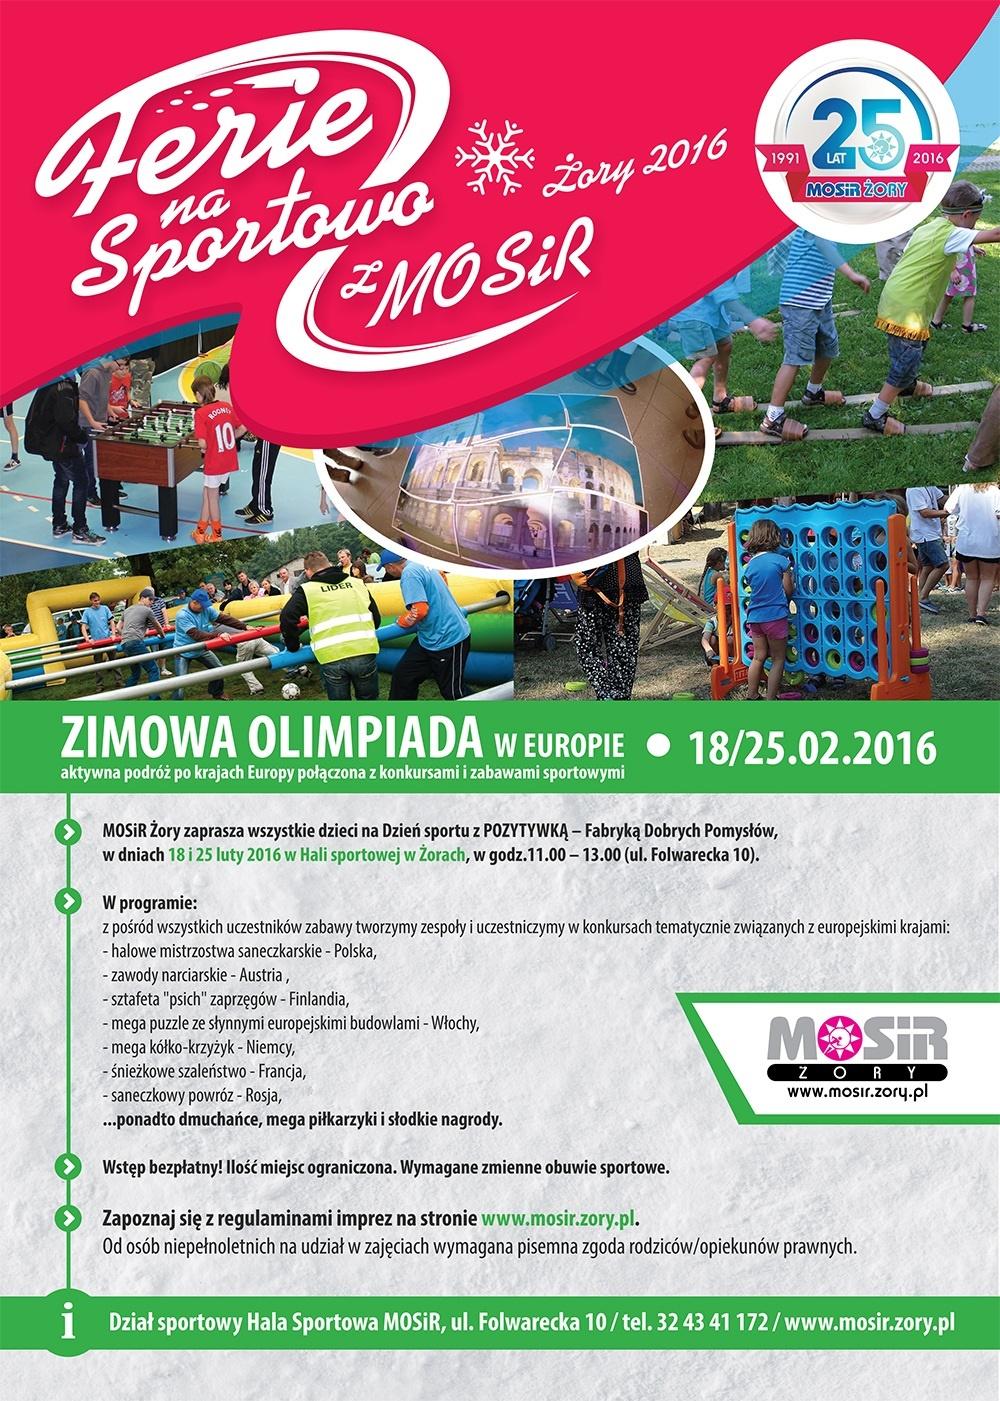 Plakat nadchodzącej Zimowej Olimpiady w Europie, zorganizowanej w ramach Akcji Zima 2016